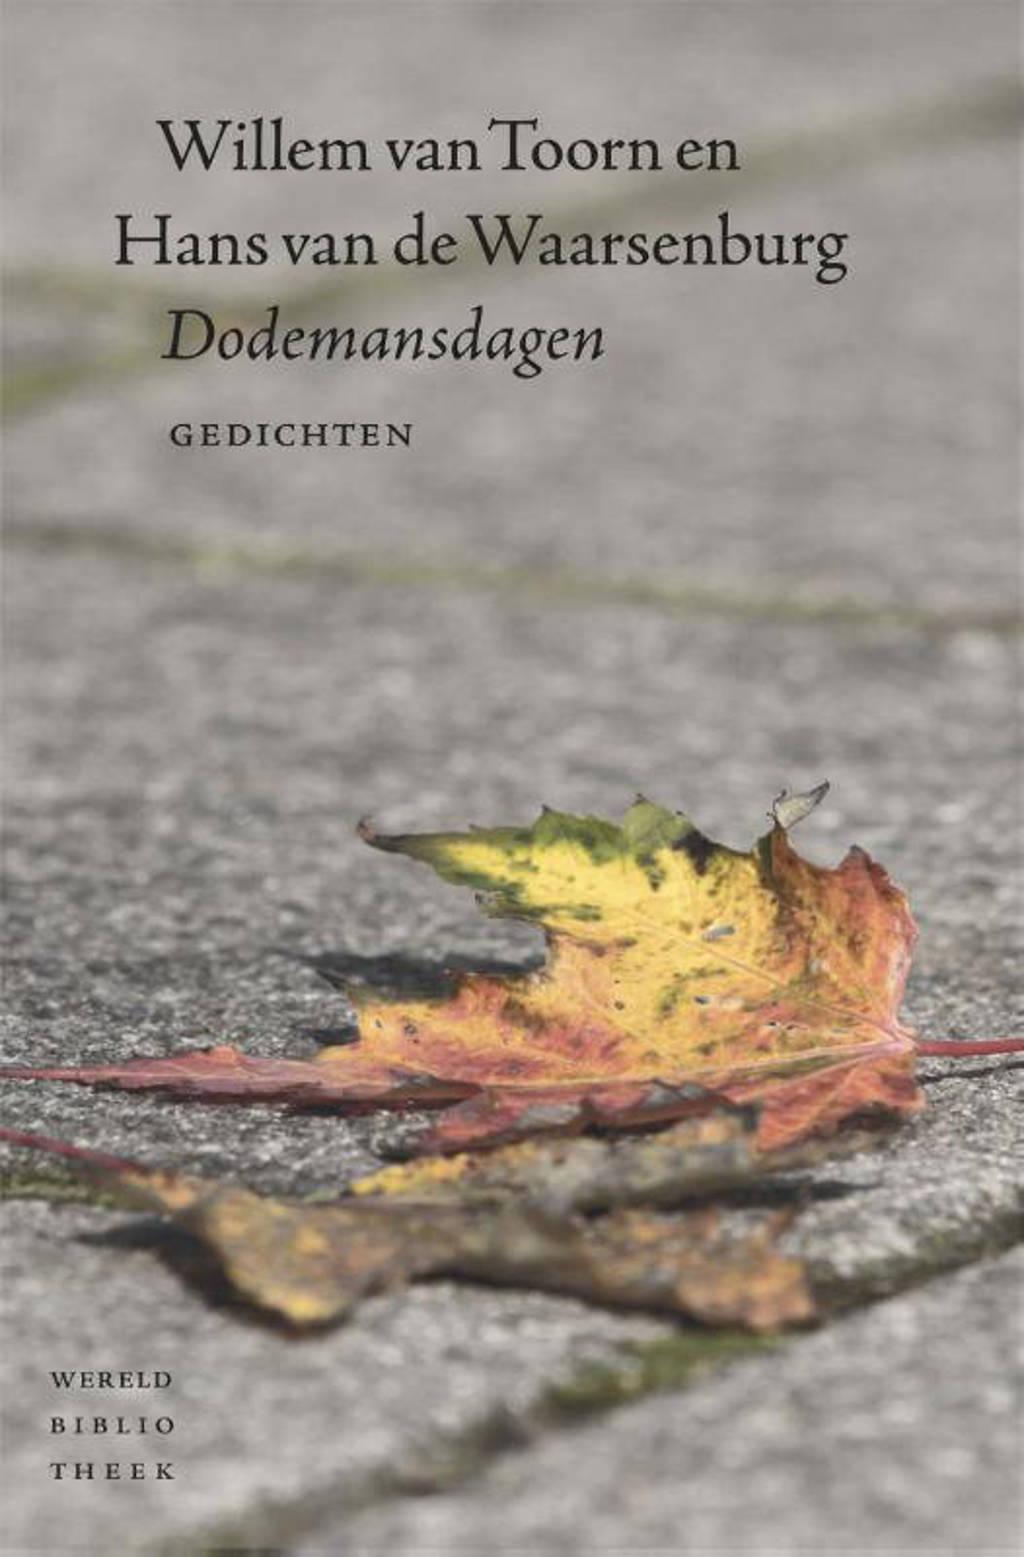 Dodemansdagen - Hans van de Waarsenburg en Willem van Toorn